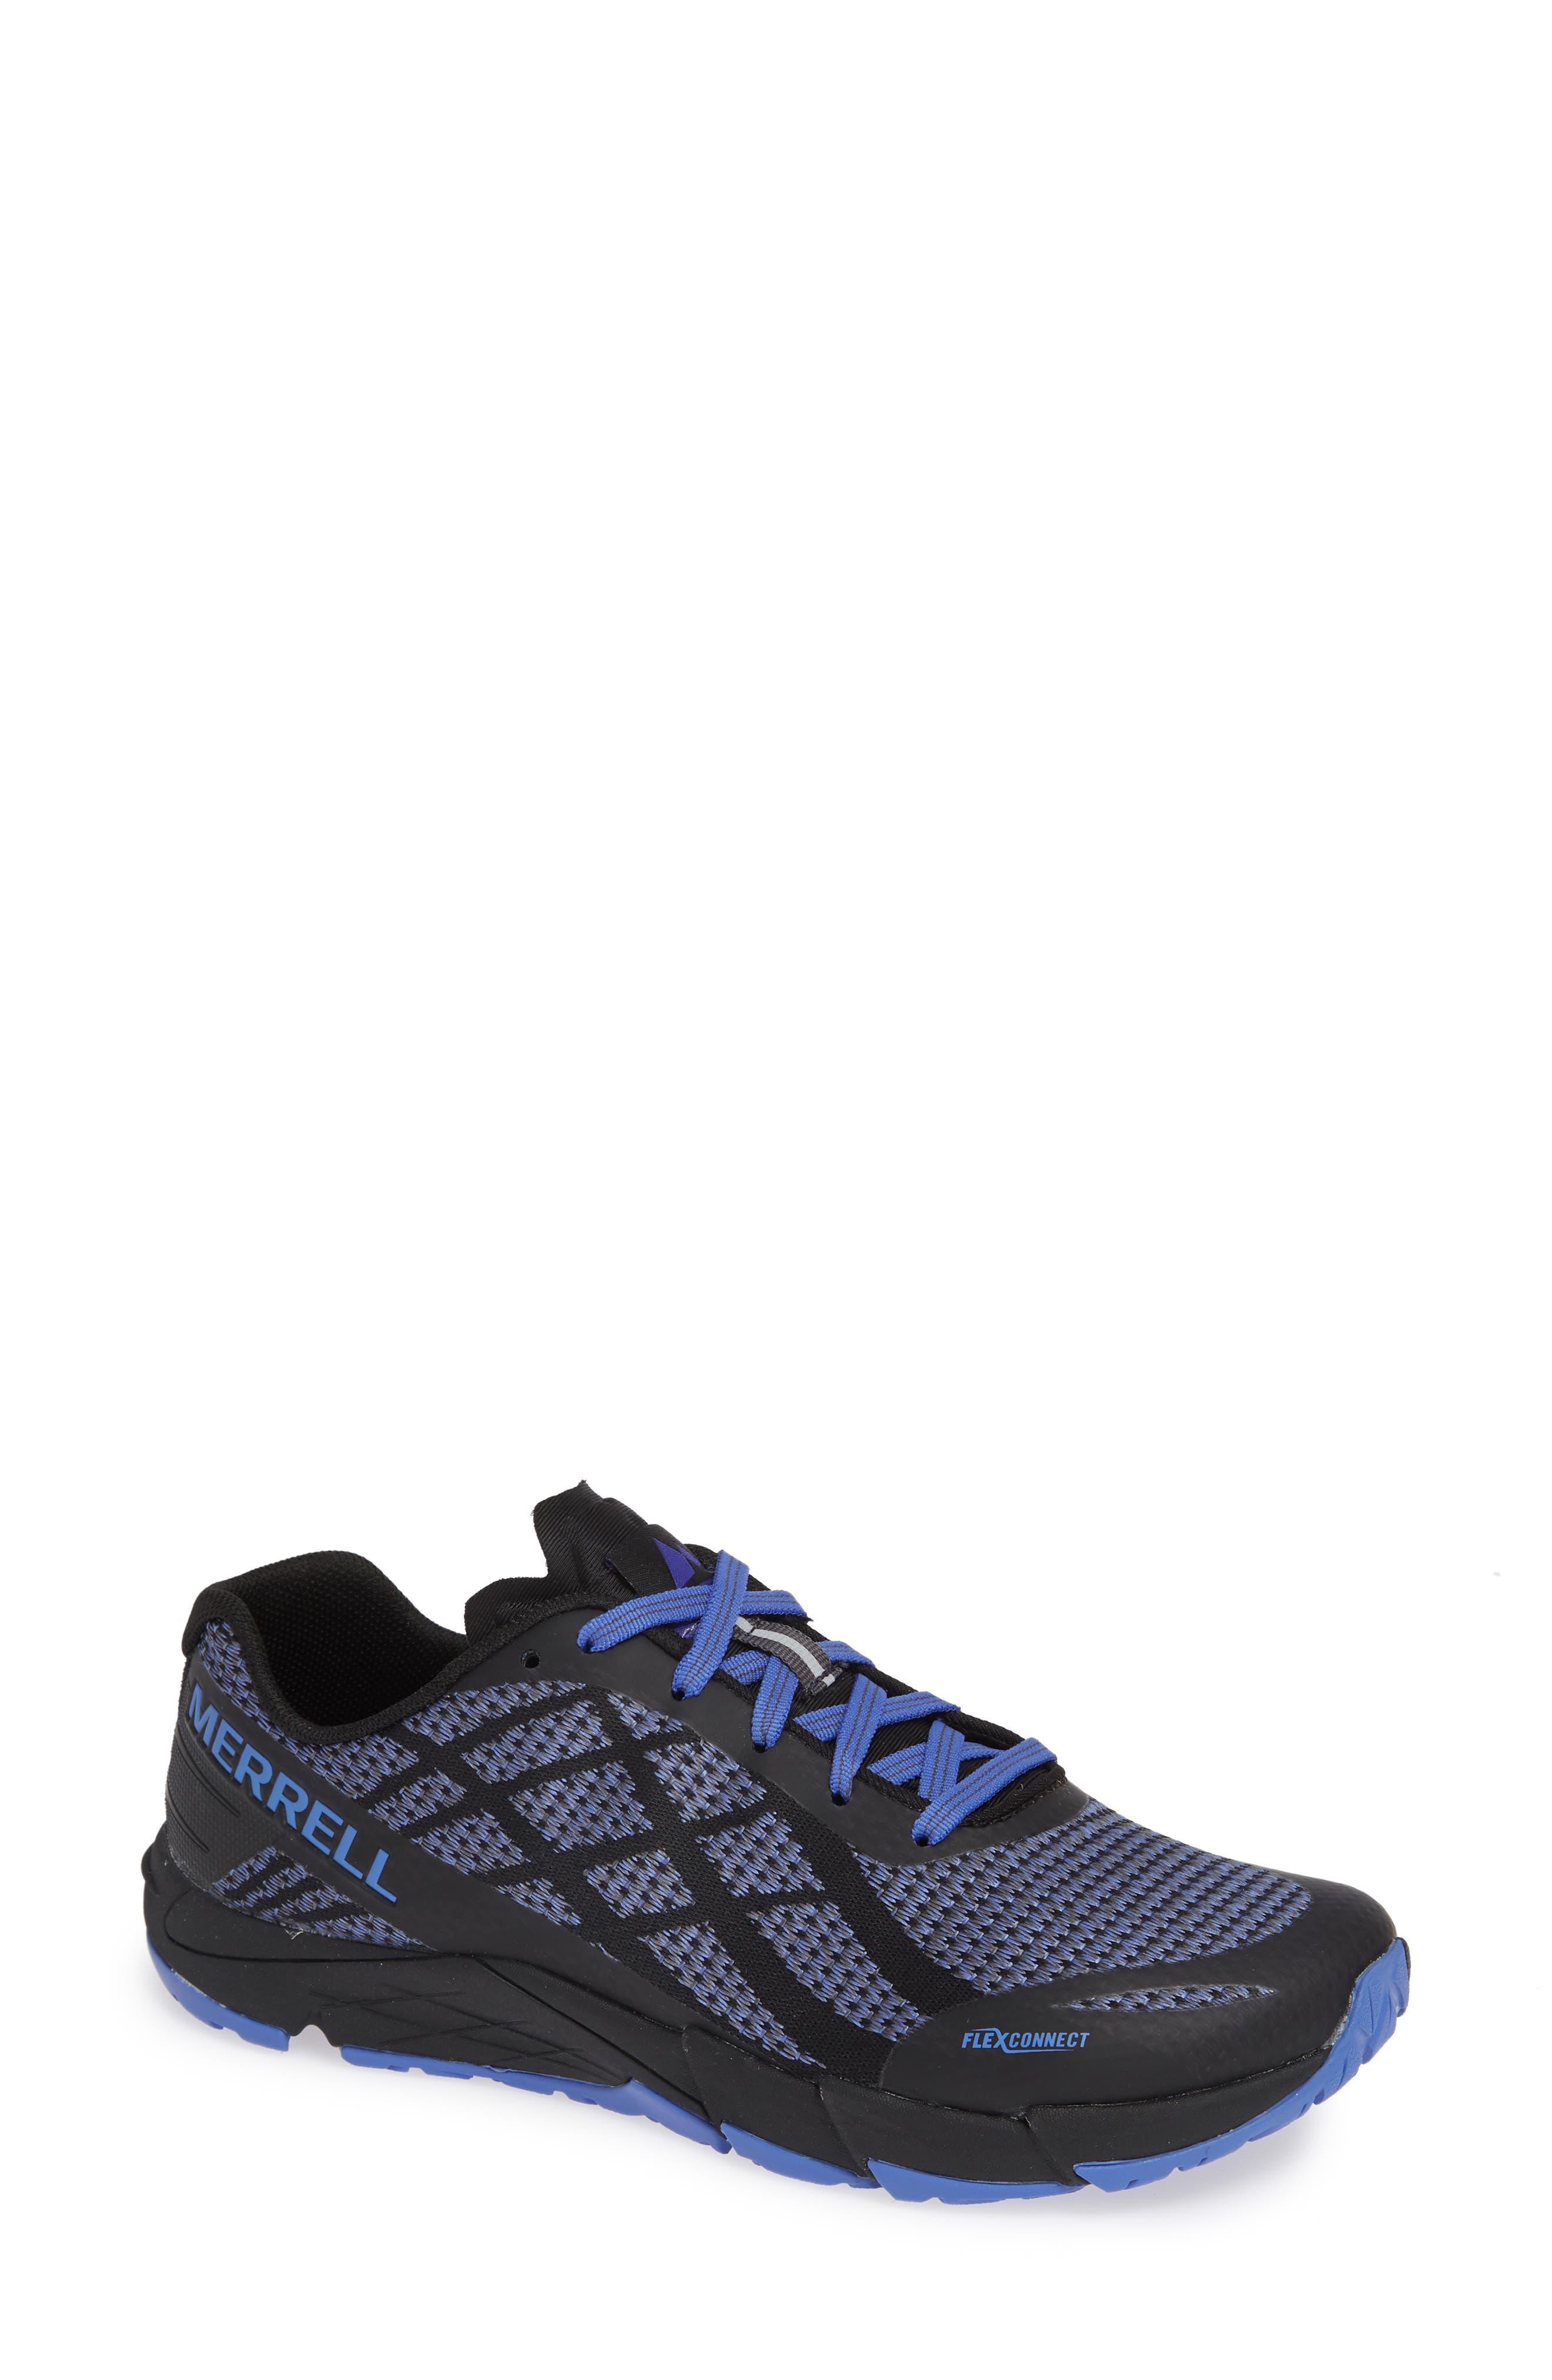 MERRELL Bare Access Flex Shield Lace-Up Sneaker, Main, color, 001